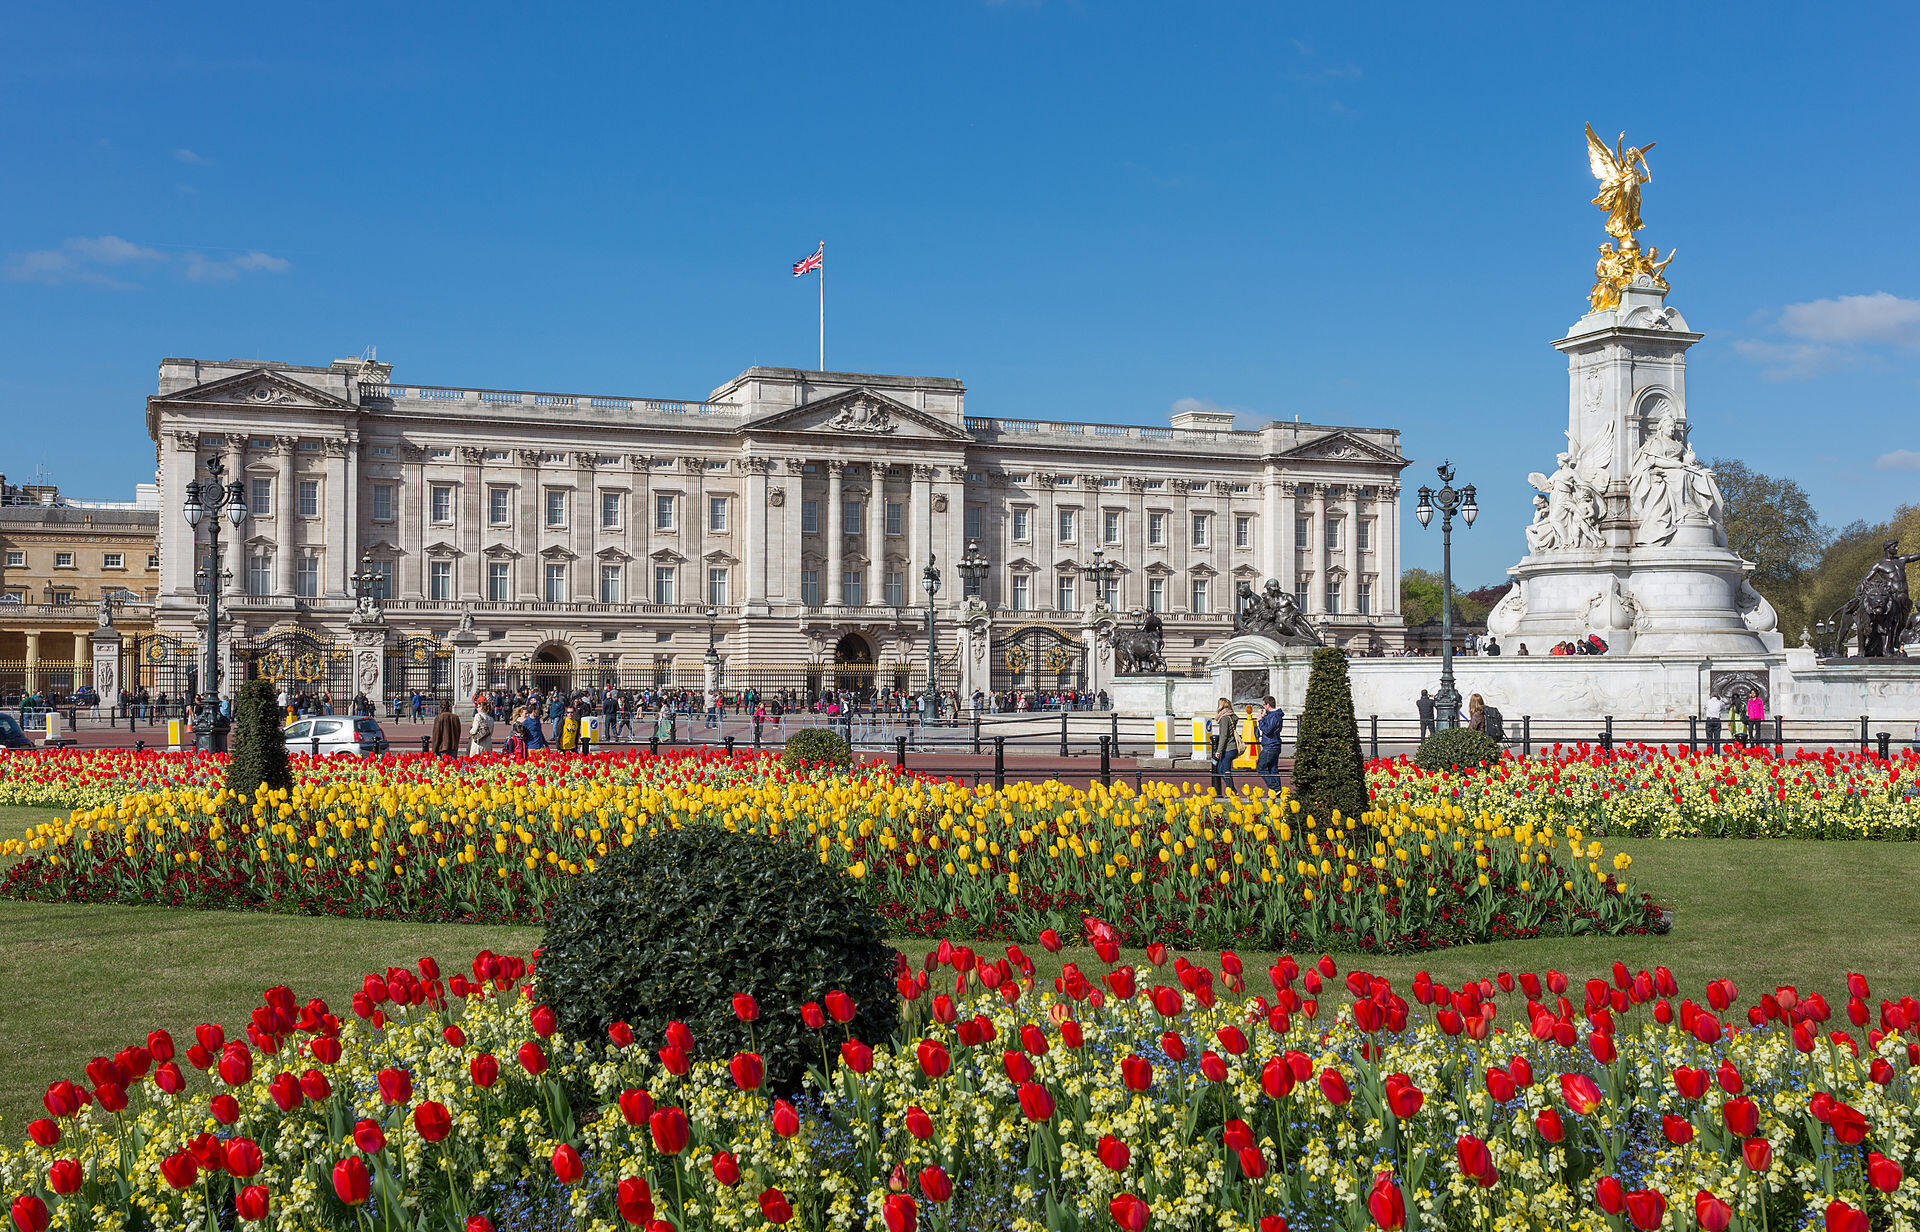 Contacté par le Guardian, Buckingham Palace n'a pas révélé quand cette pratique discriminatoire et raciste a été abandonnée, se contentant d'expliquer que le palais employait du personnel issu des minorités ethniques depuis les années 1990.